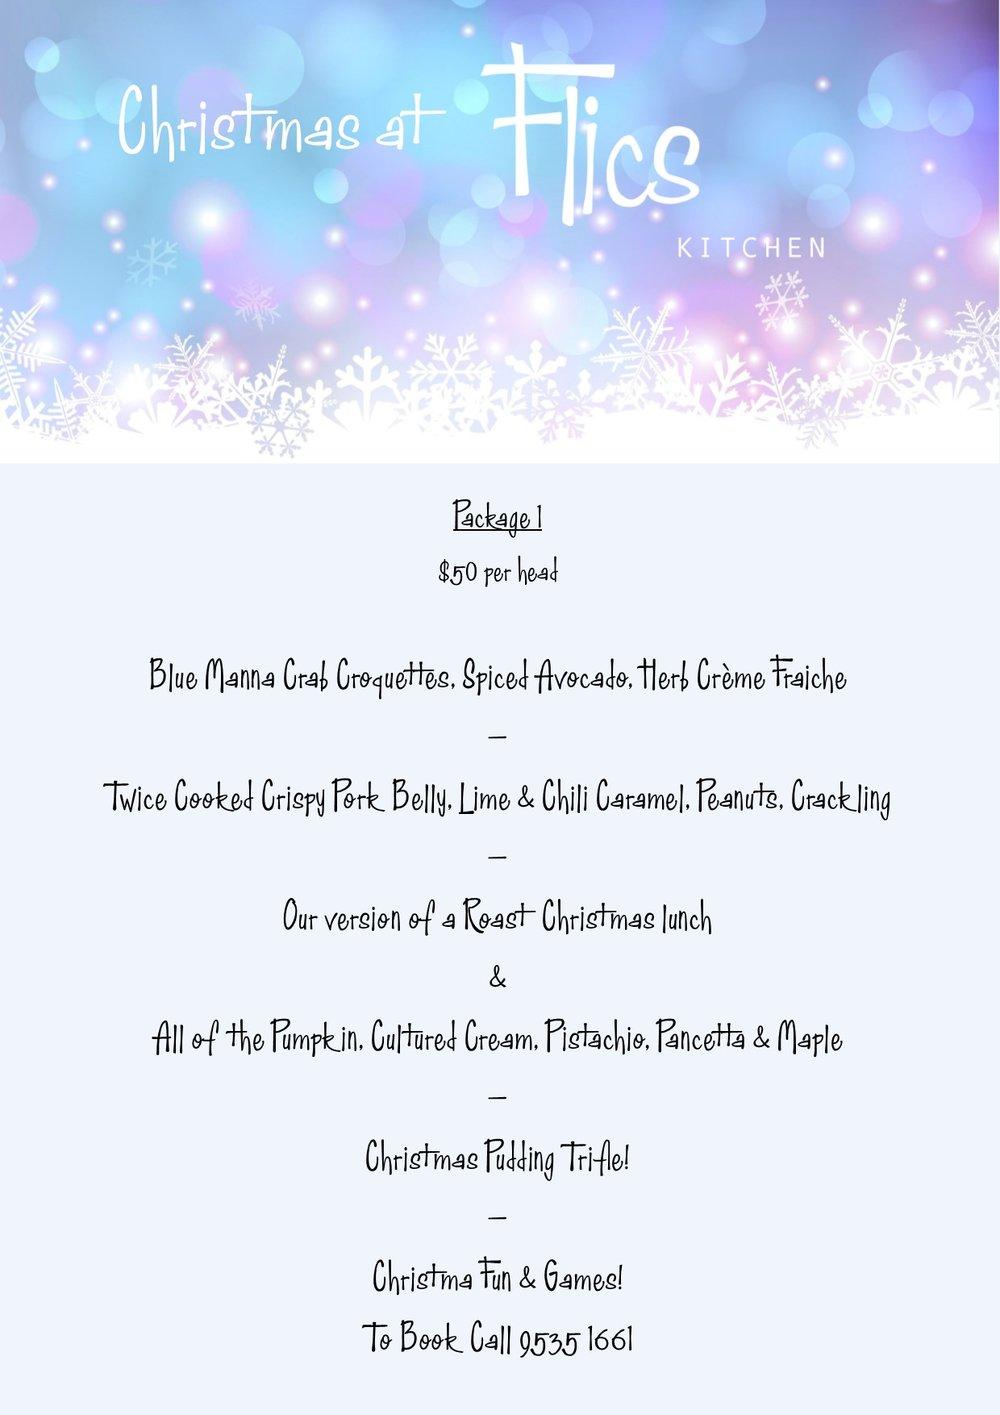 xmas menus package 1.jpg